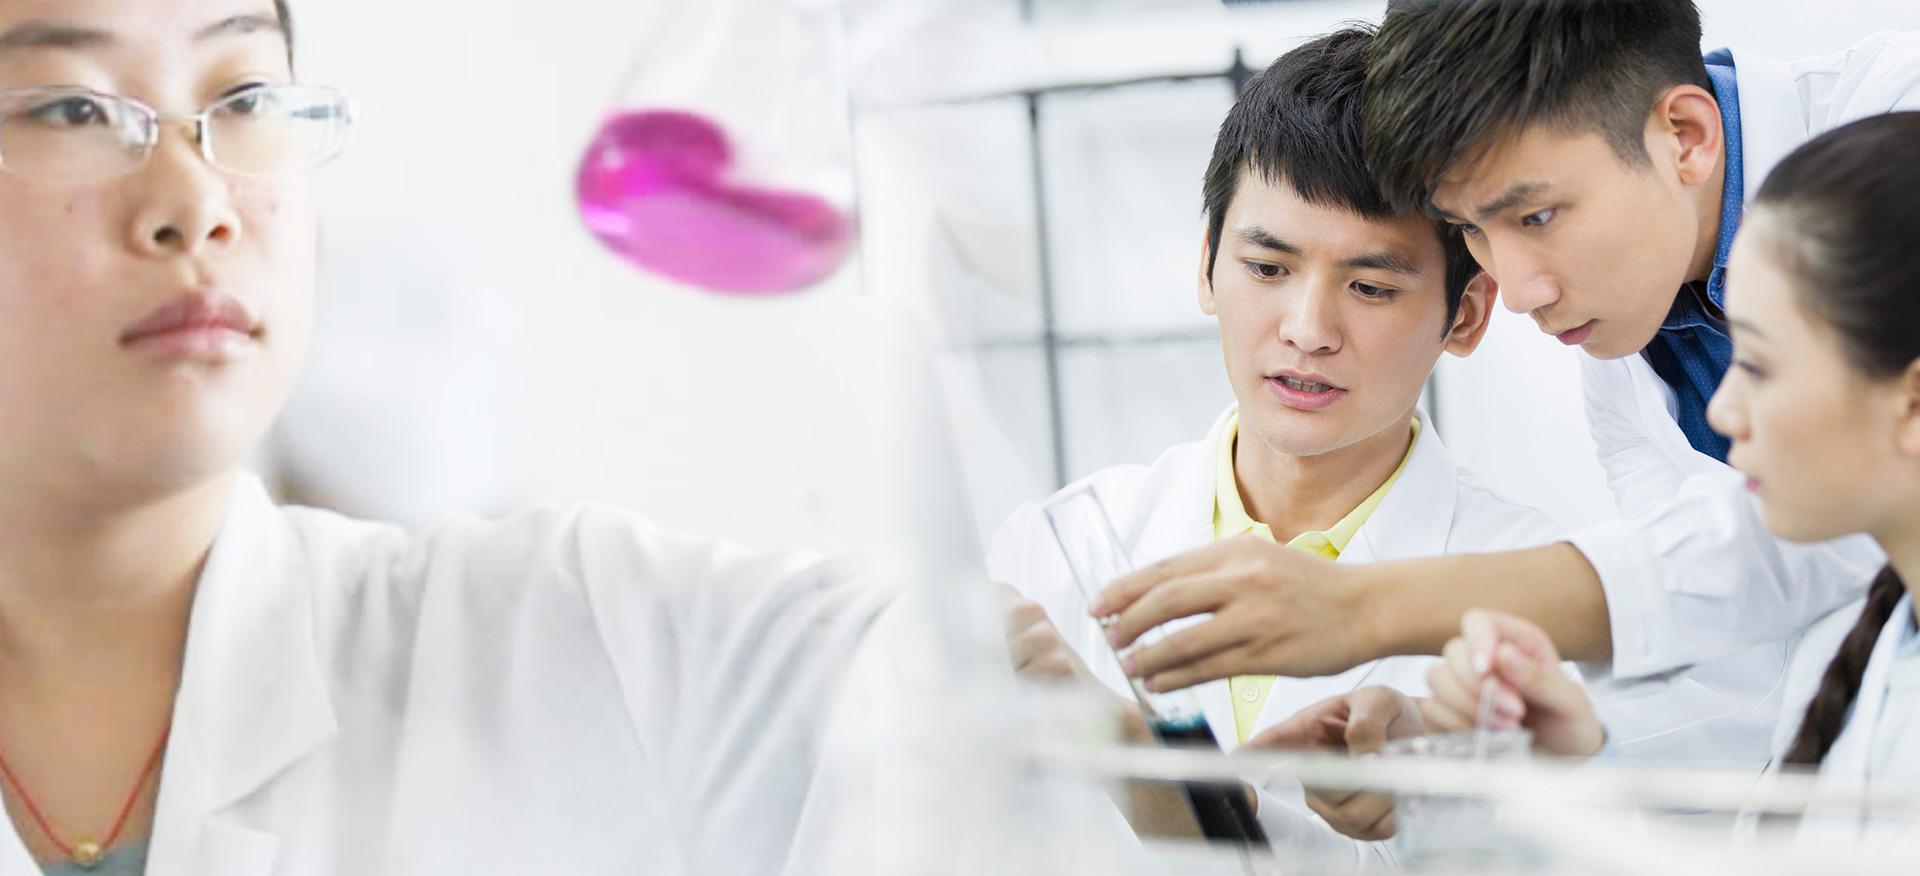 49项专利技术证书